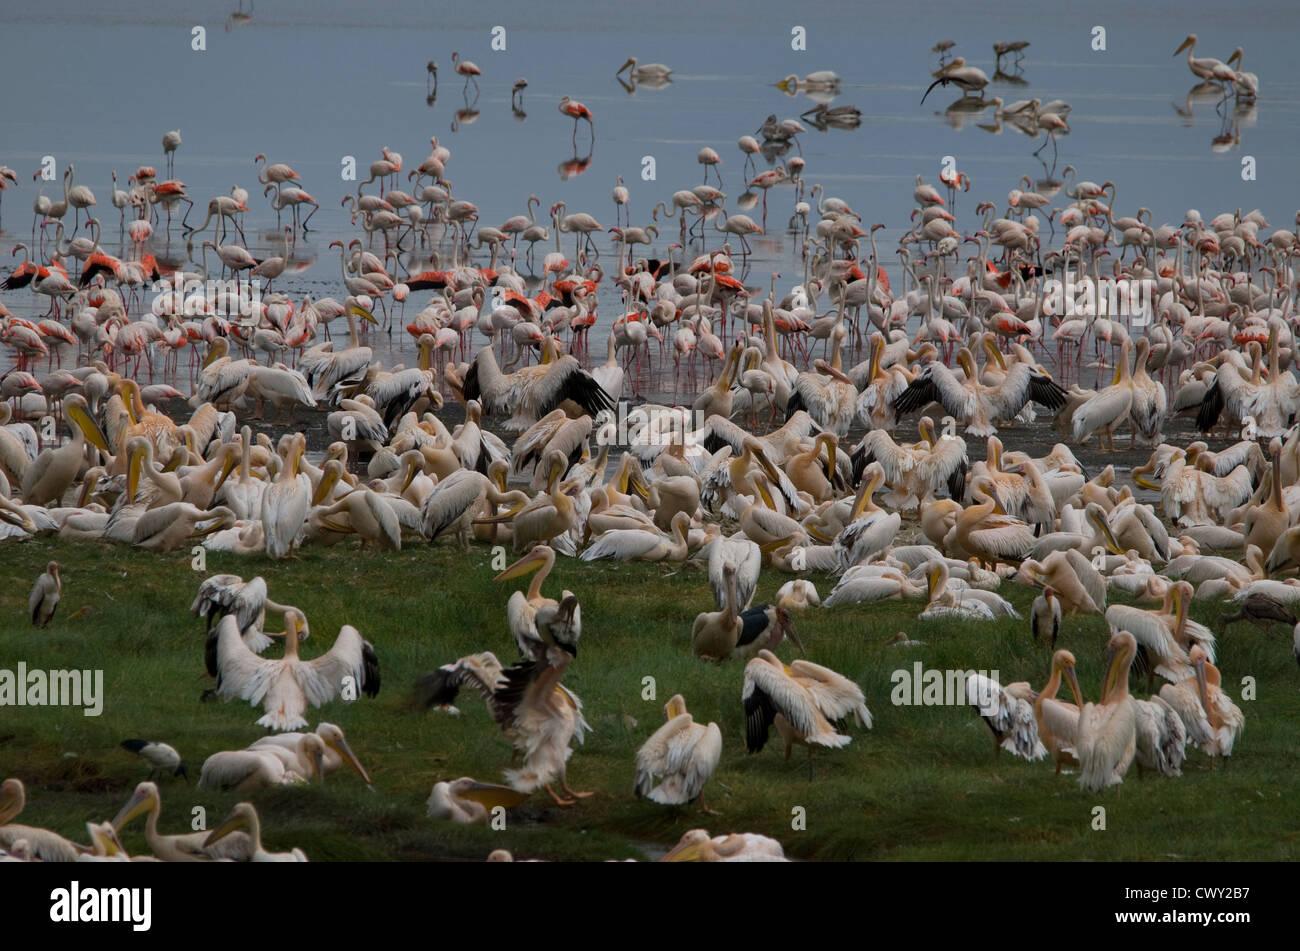 Flamingos and pelicans, resting and feeding at Lake Manyara - Stock Image